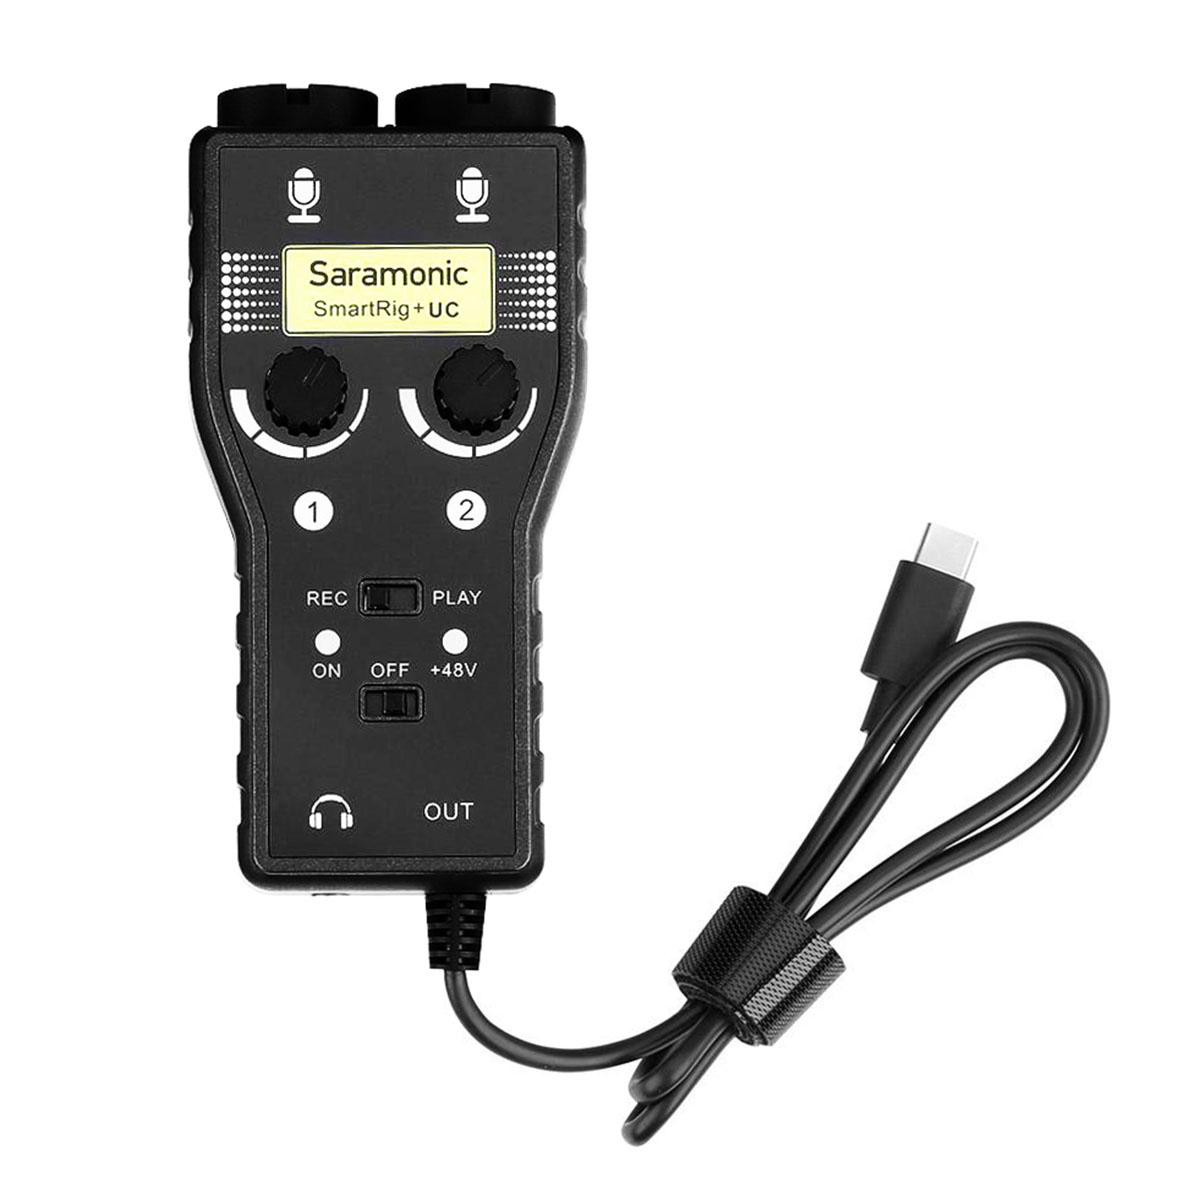 Saramonic SmartRig+ UC dvojkanálový XLR audio a gitarový adaptér pre USB-C zariadenia